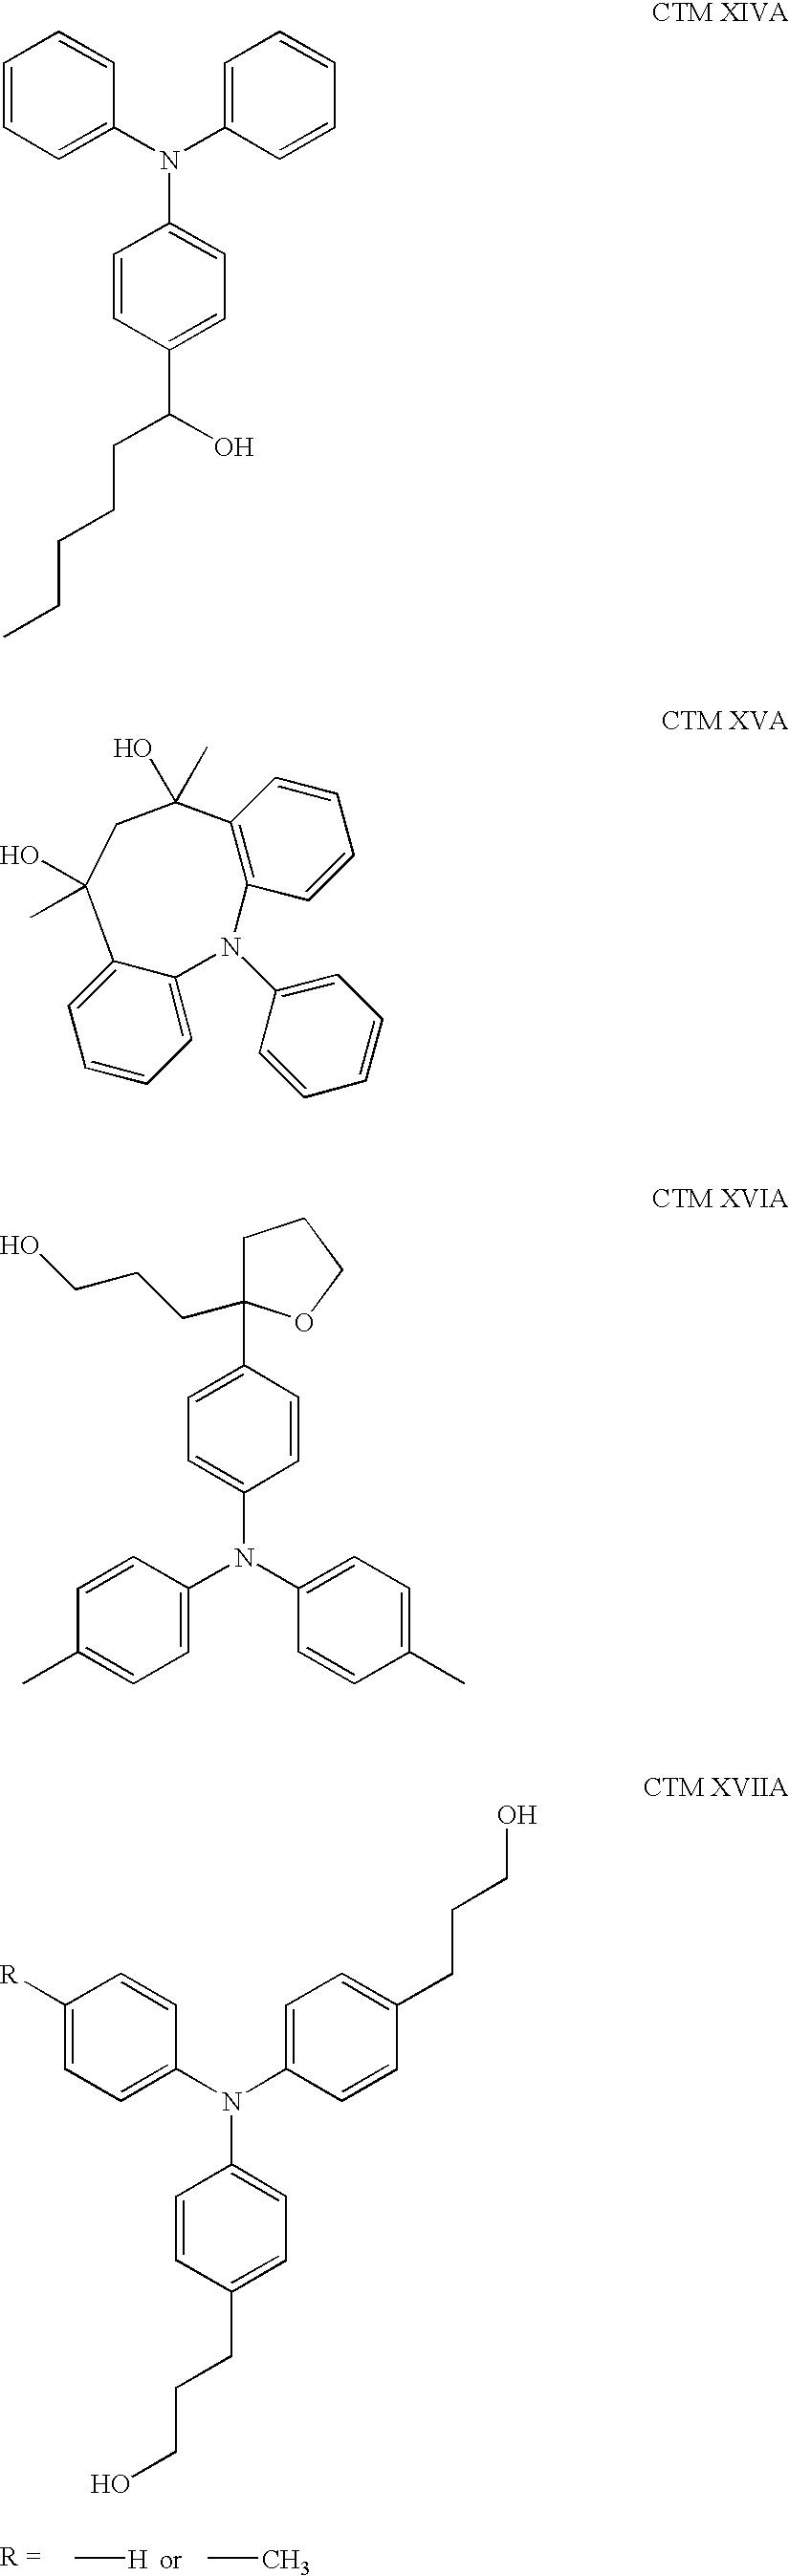 Figure US06517984-20030211-C00017